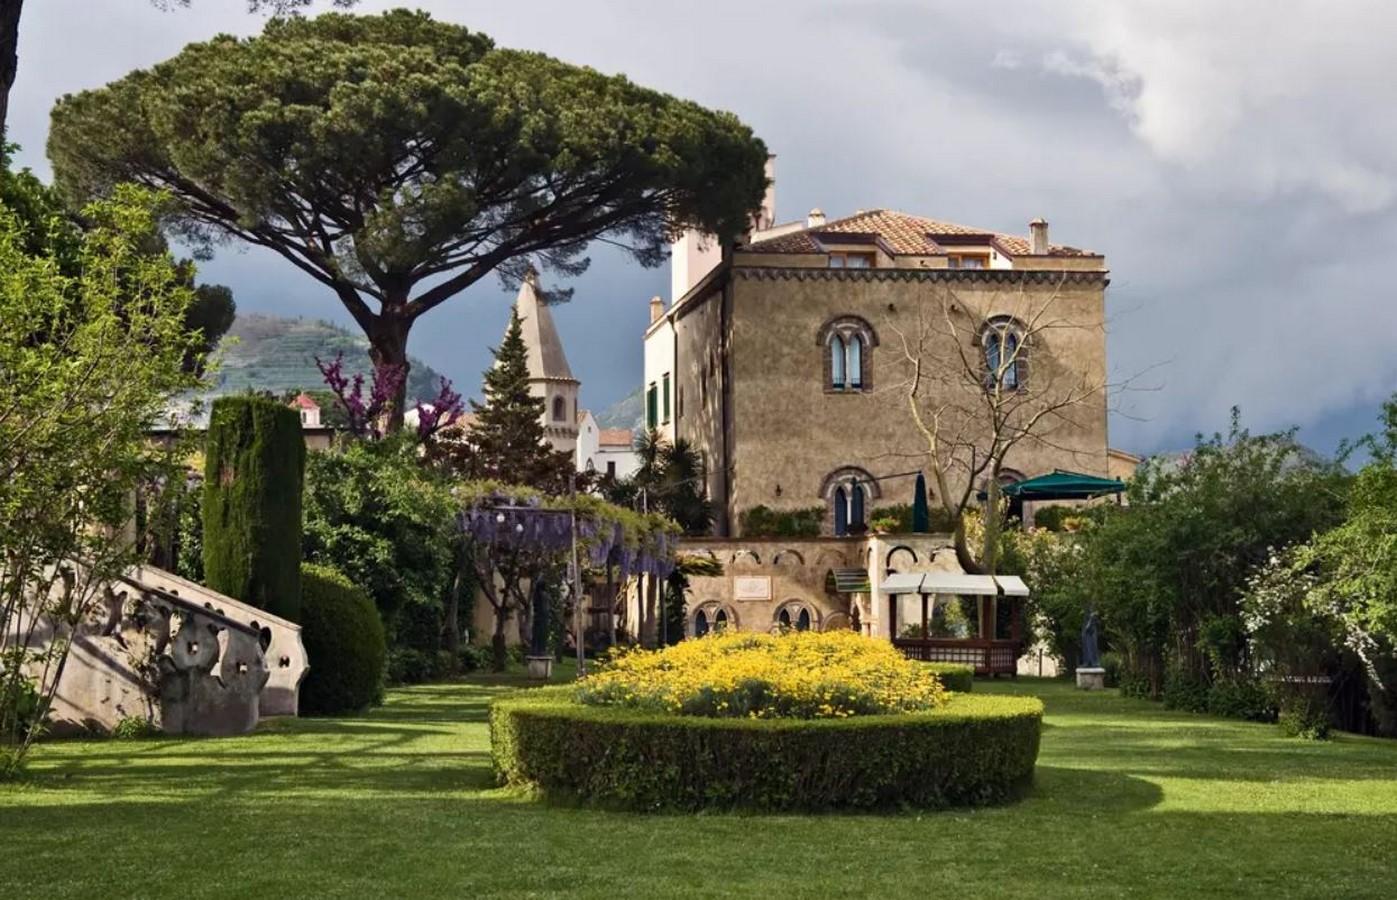 Villa Cimbrone, Ravello, southern Italy - Sheet4